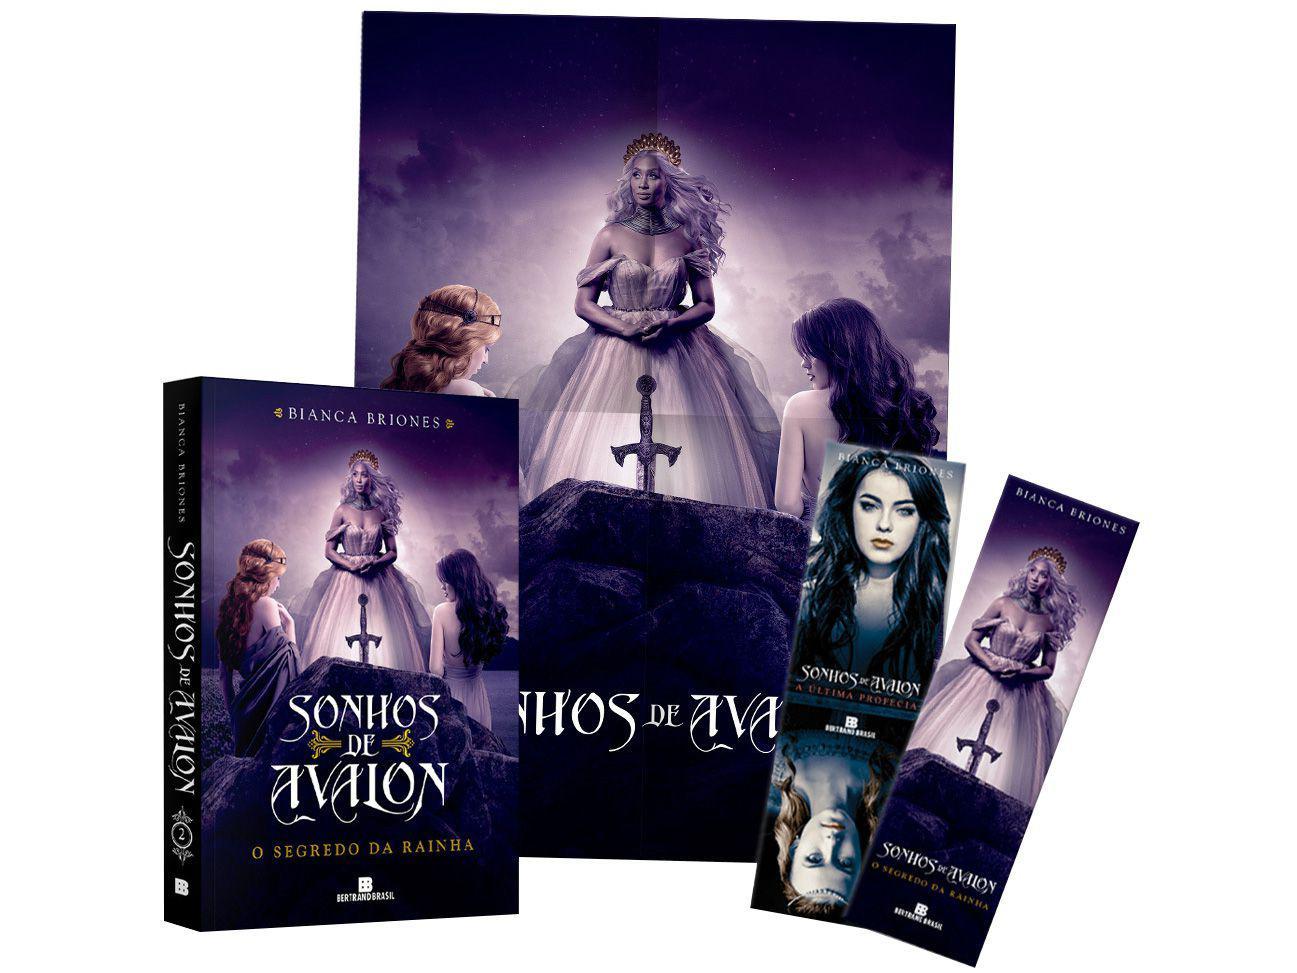 Livro O Segredo da Rainha Sonhos de Avalon - Vol. 2 Bianca Briones com Brinde